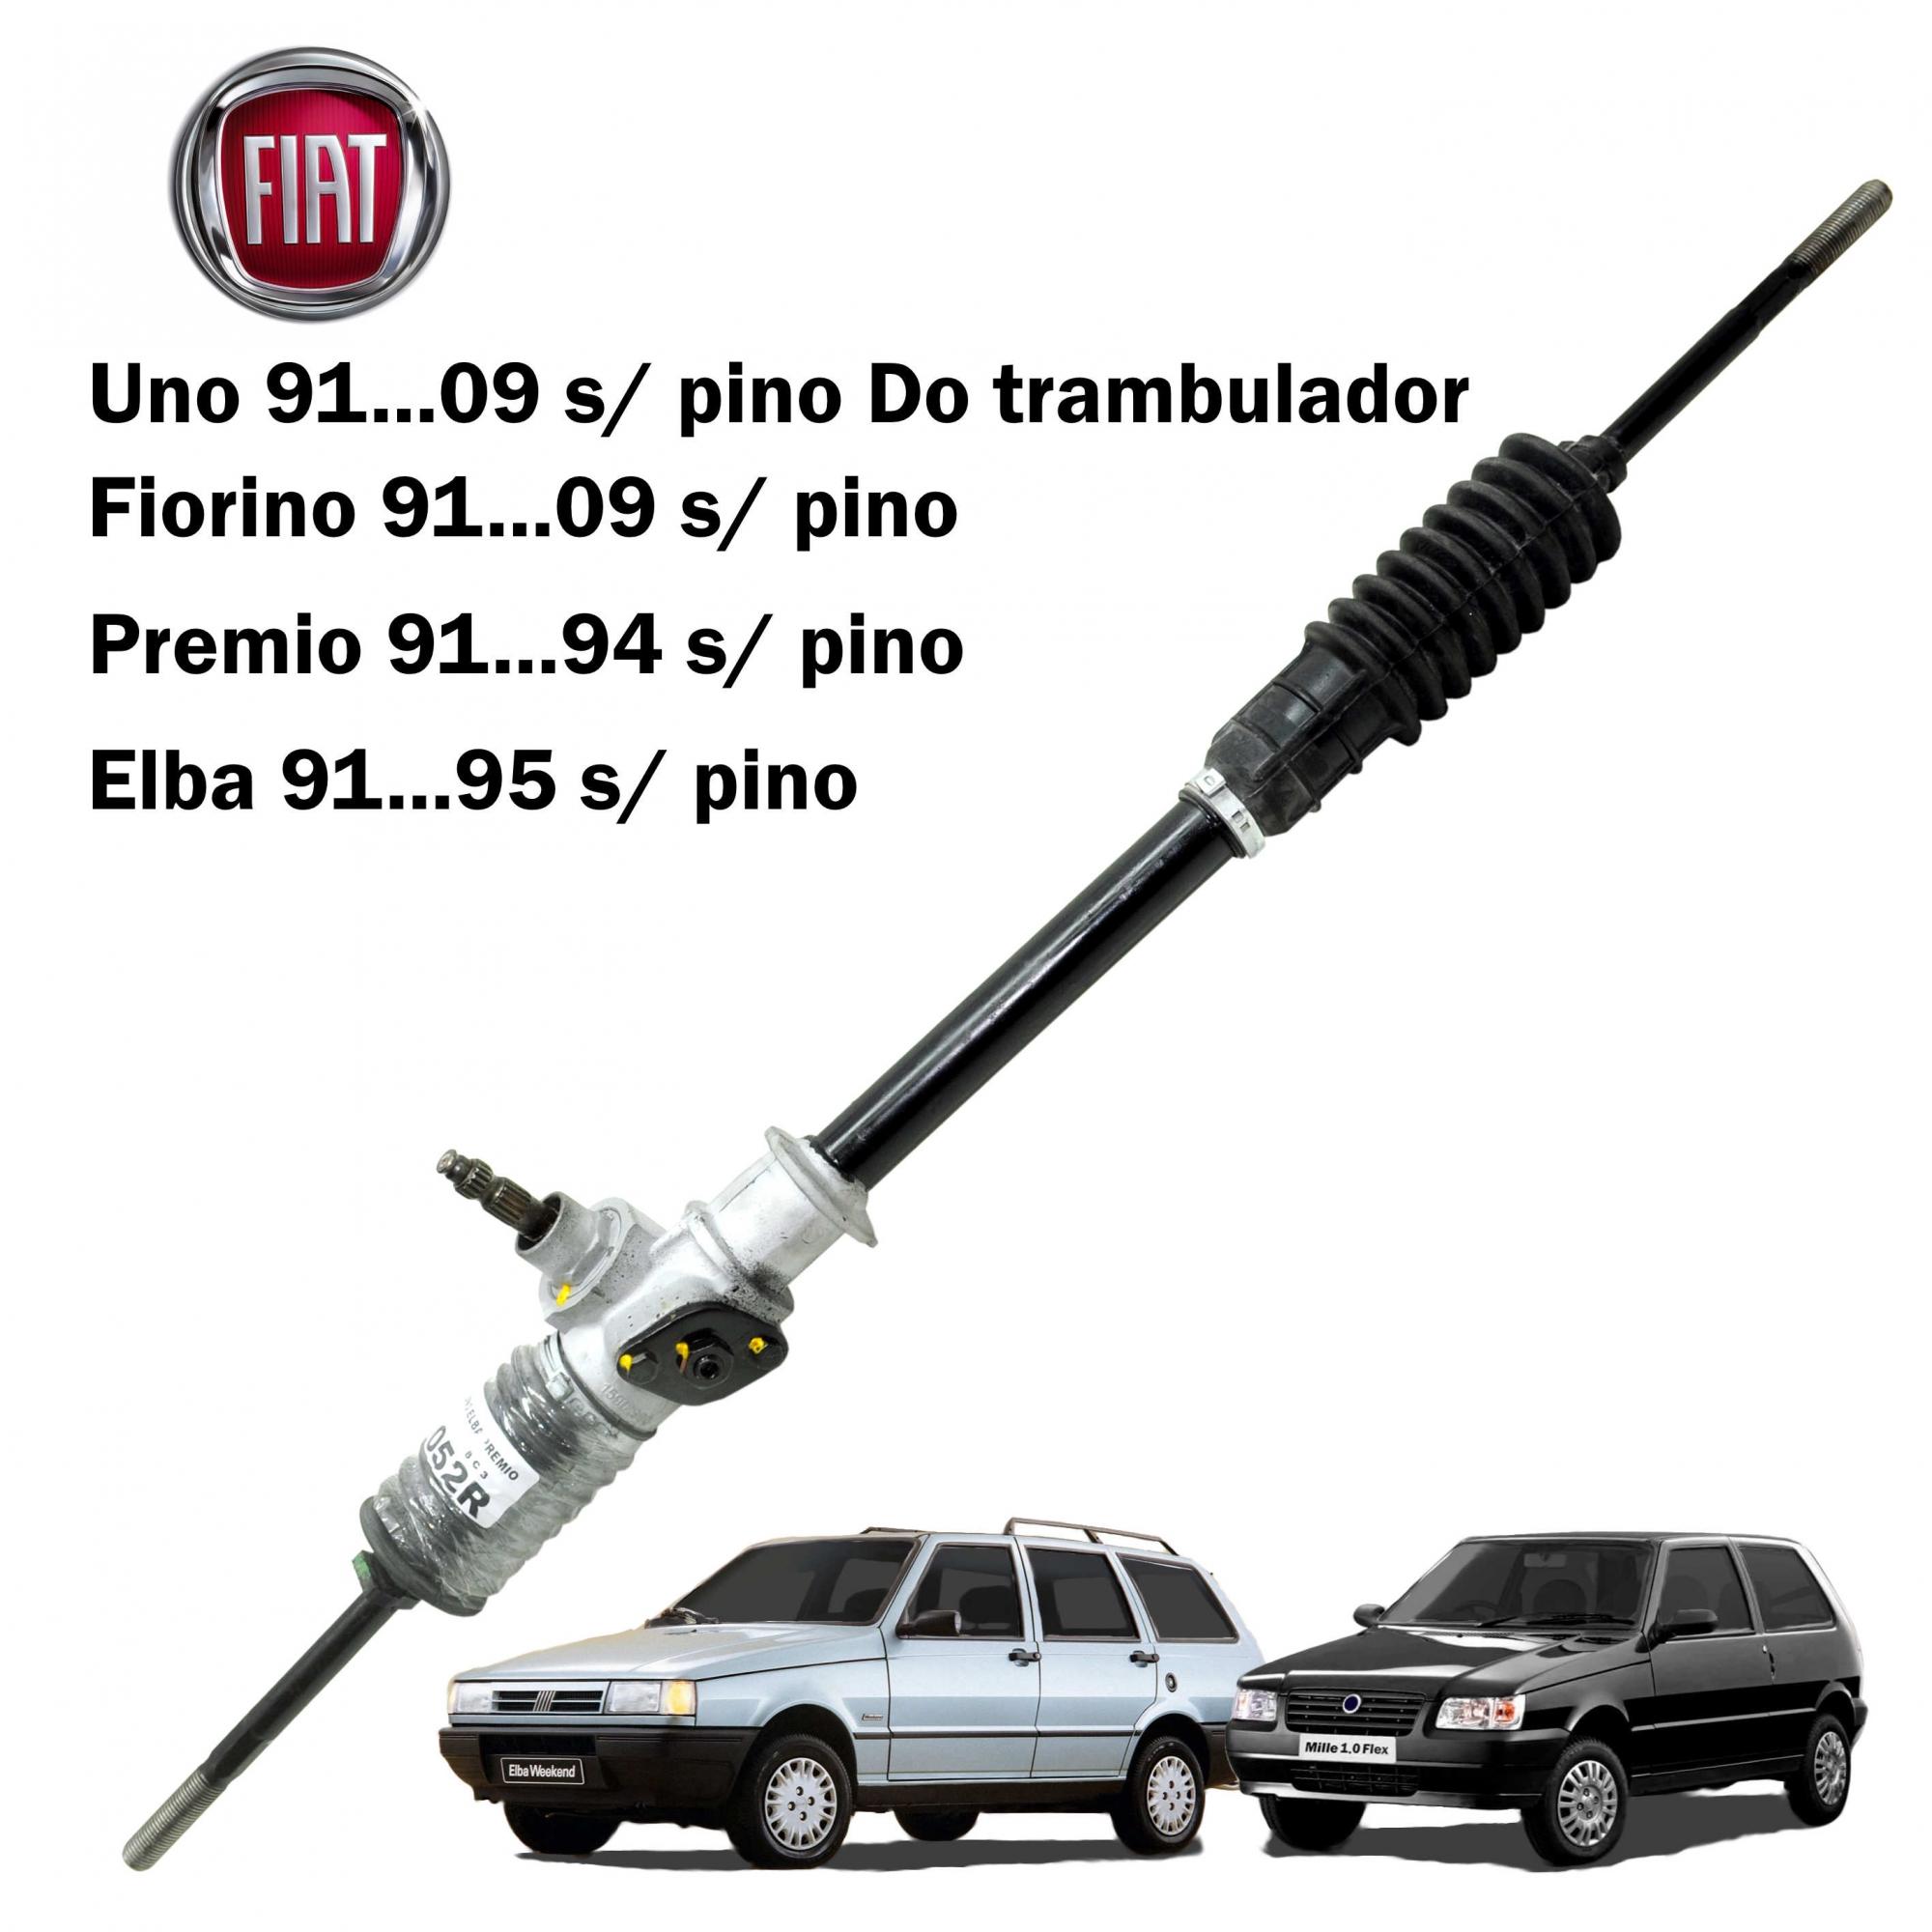 Caixa Direção Mecânica TRW Uno Elba, Fiorino, Premio 91...2009 s/ Pino do Trambulador